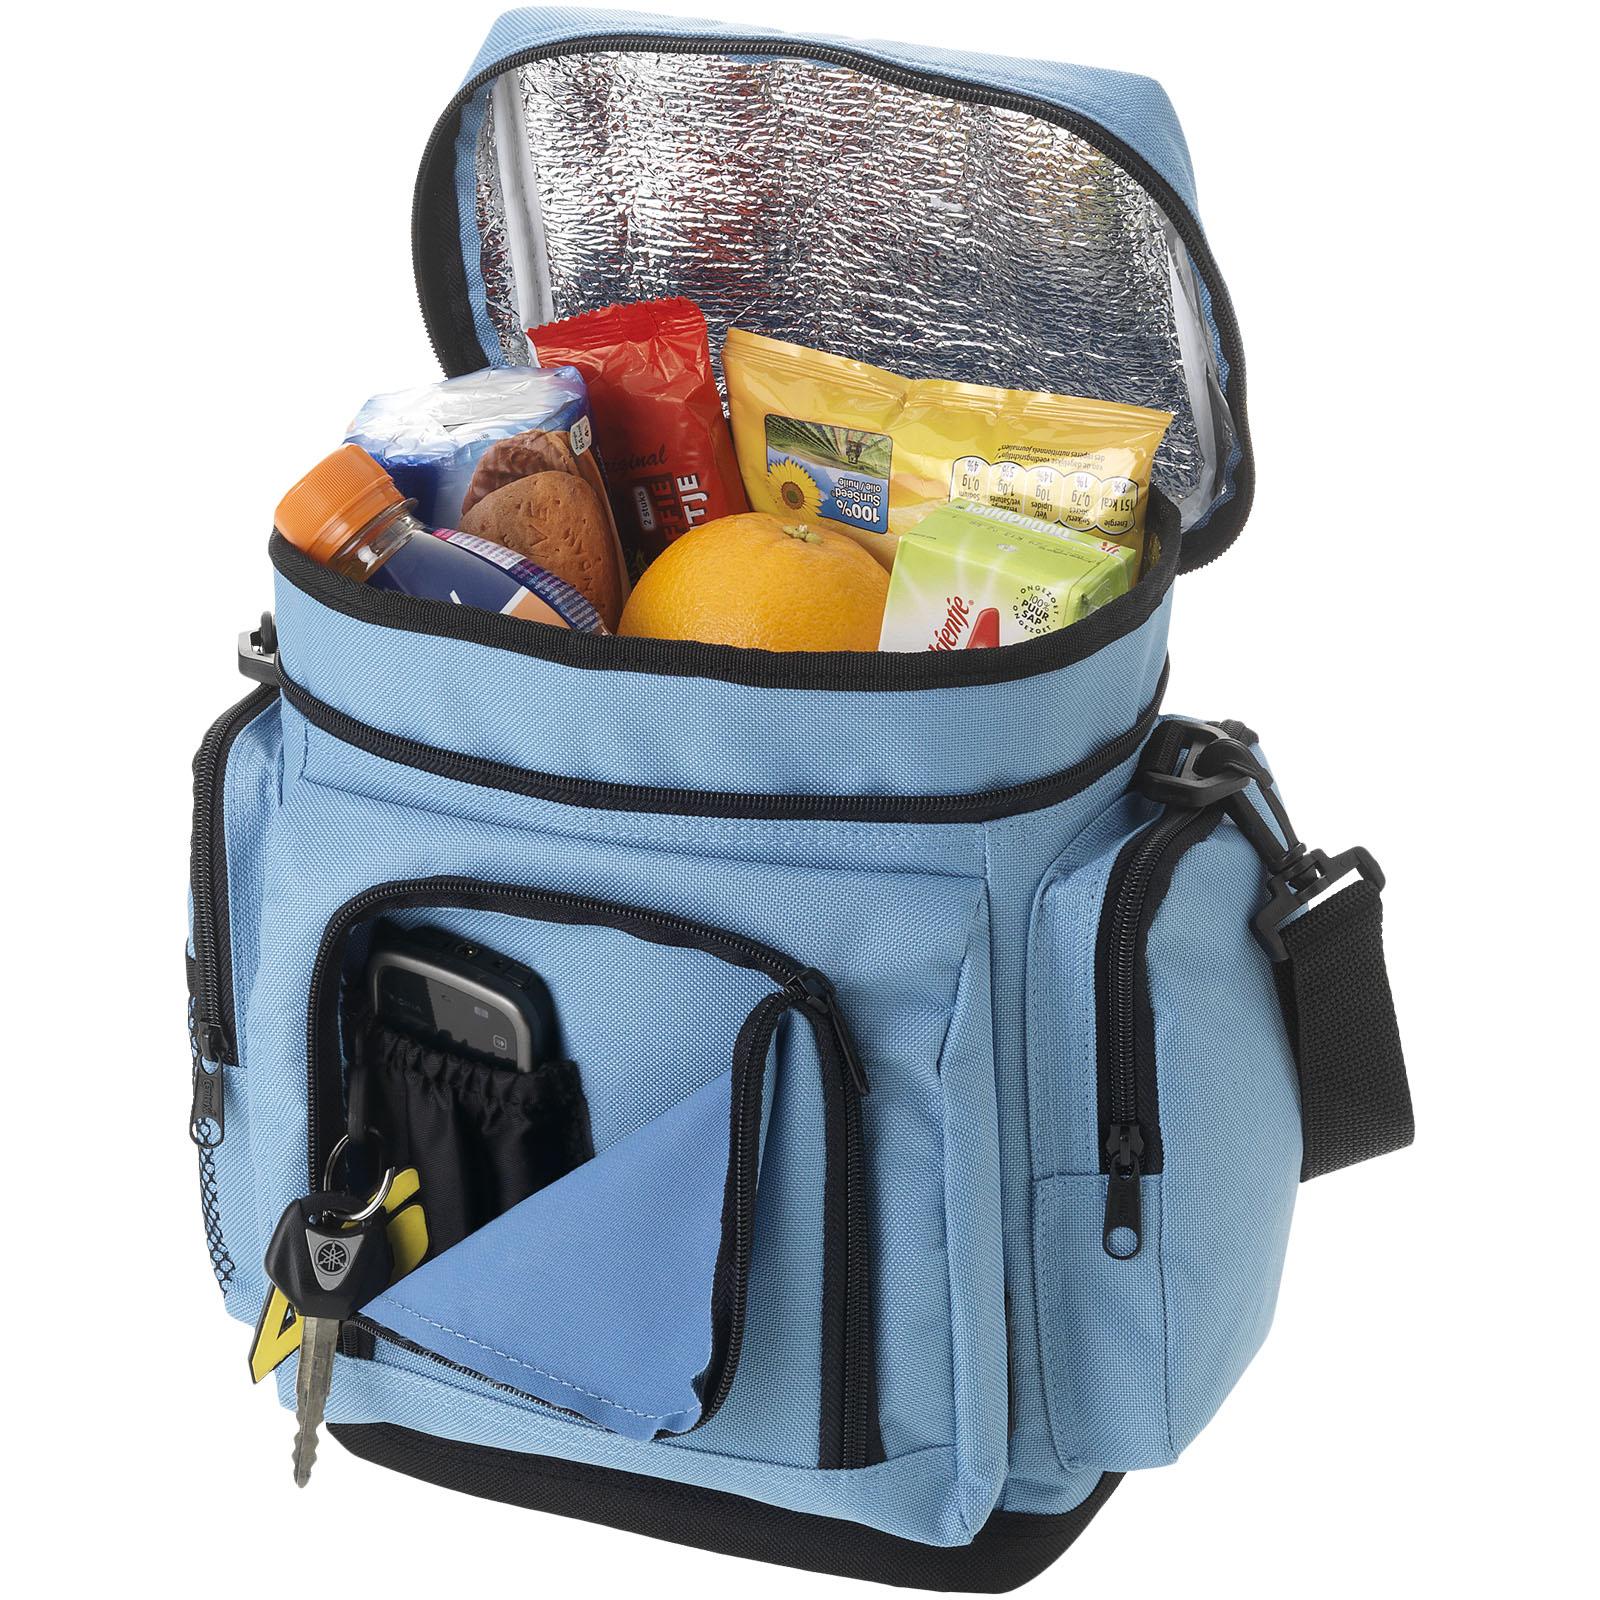 этой сумка холодильник роснефть фото фото